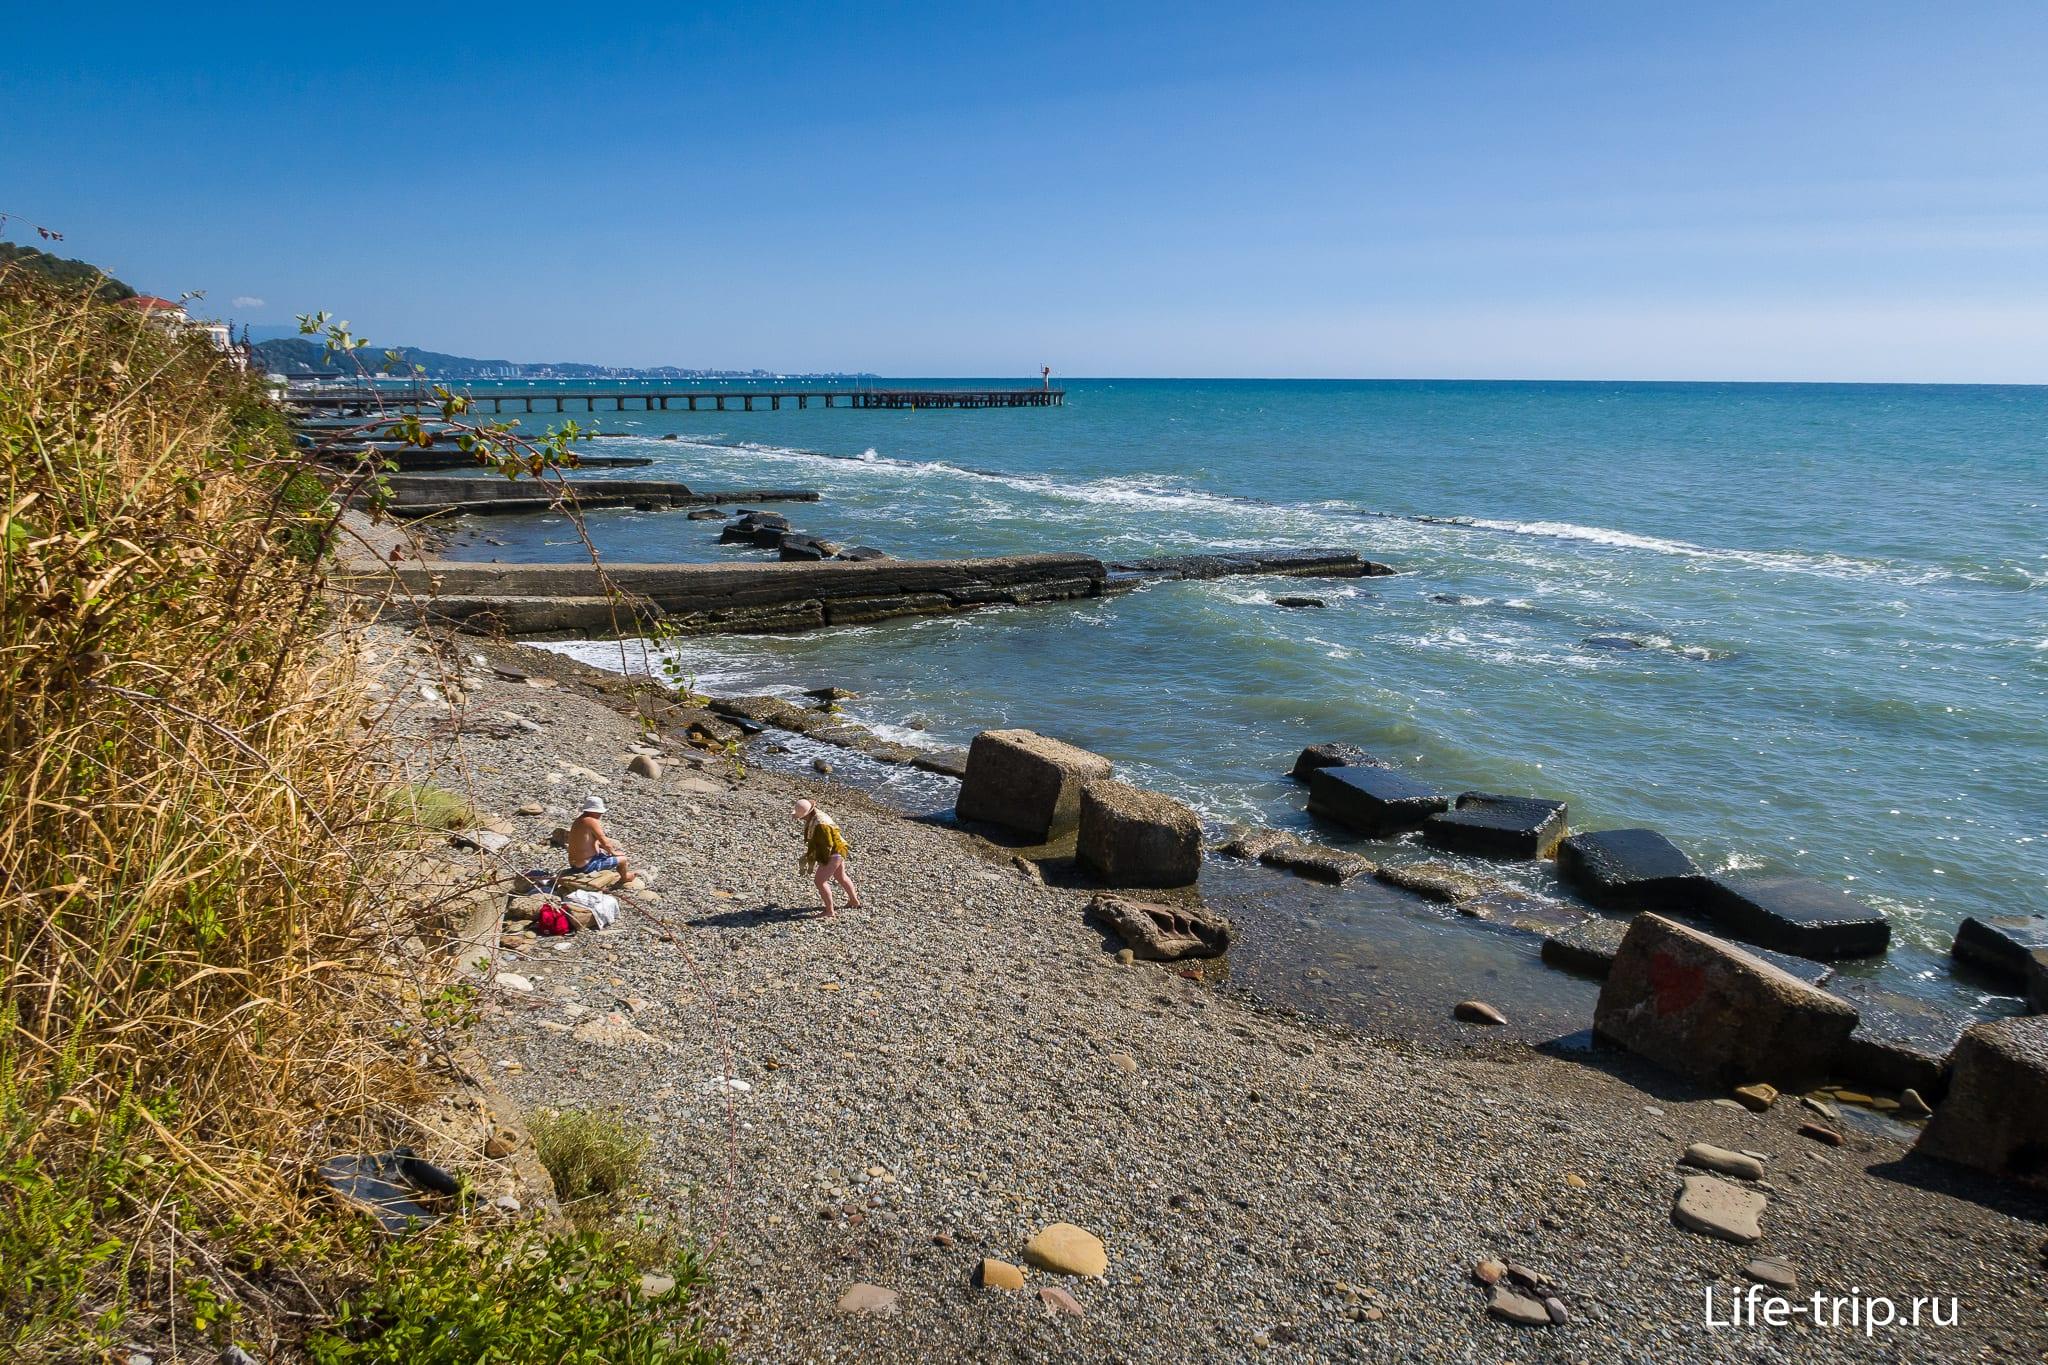 Дикий пляж в Мацесте, Сочи